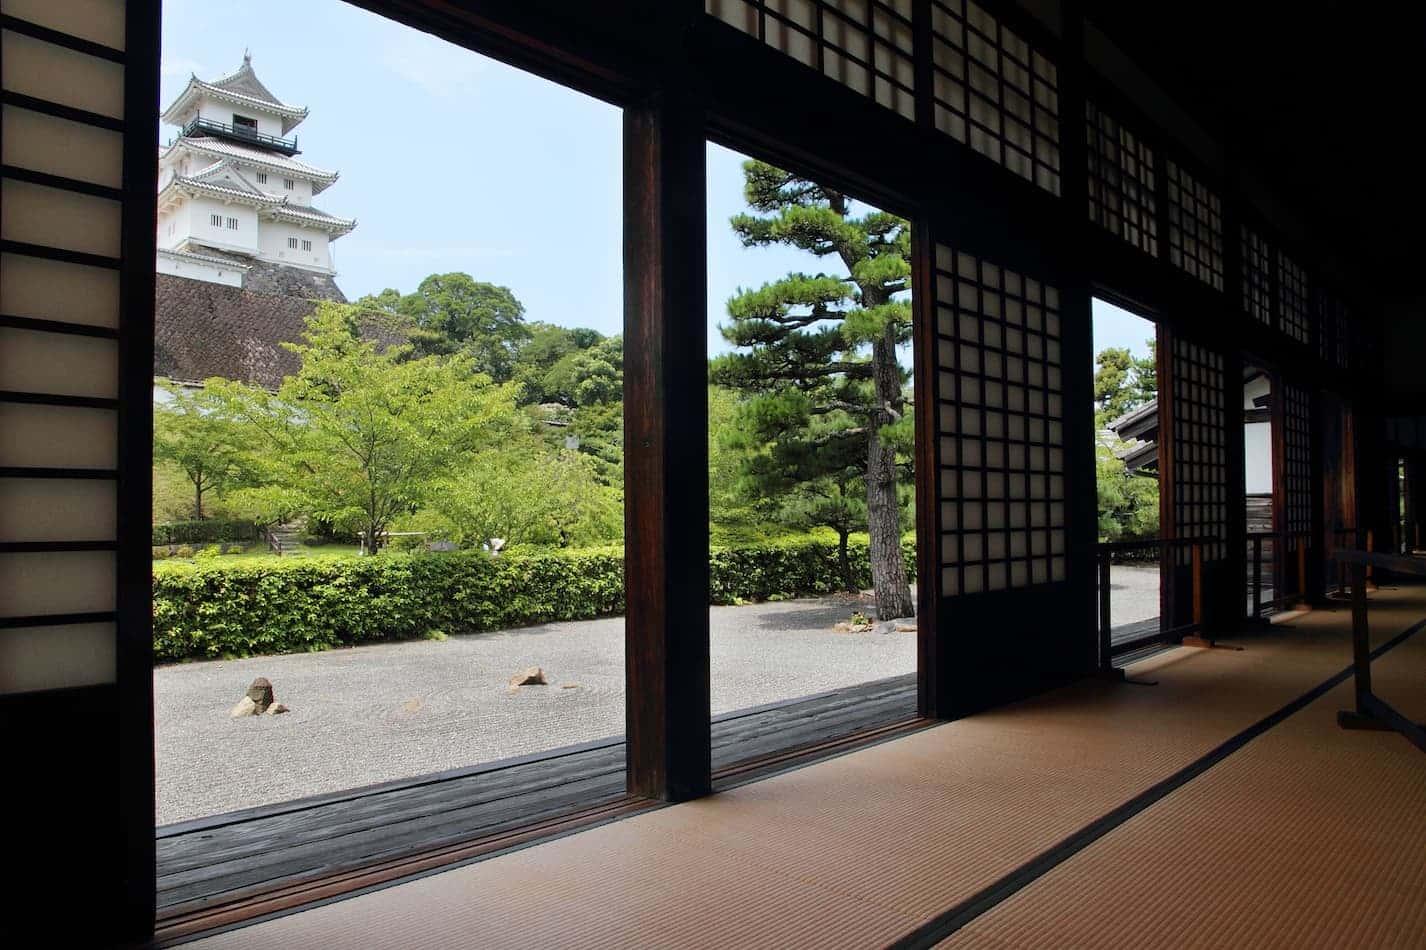 Kakegawa-jo Castelo, Kakegawa-jo palácio de Castelo